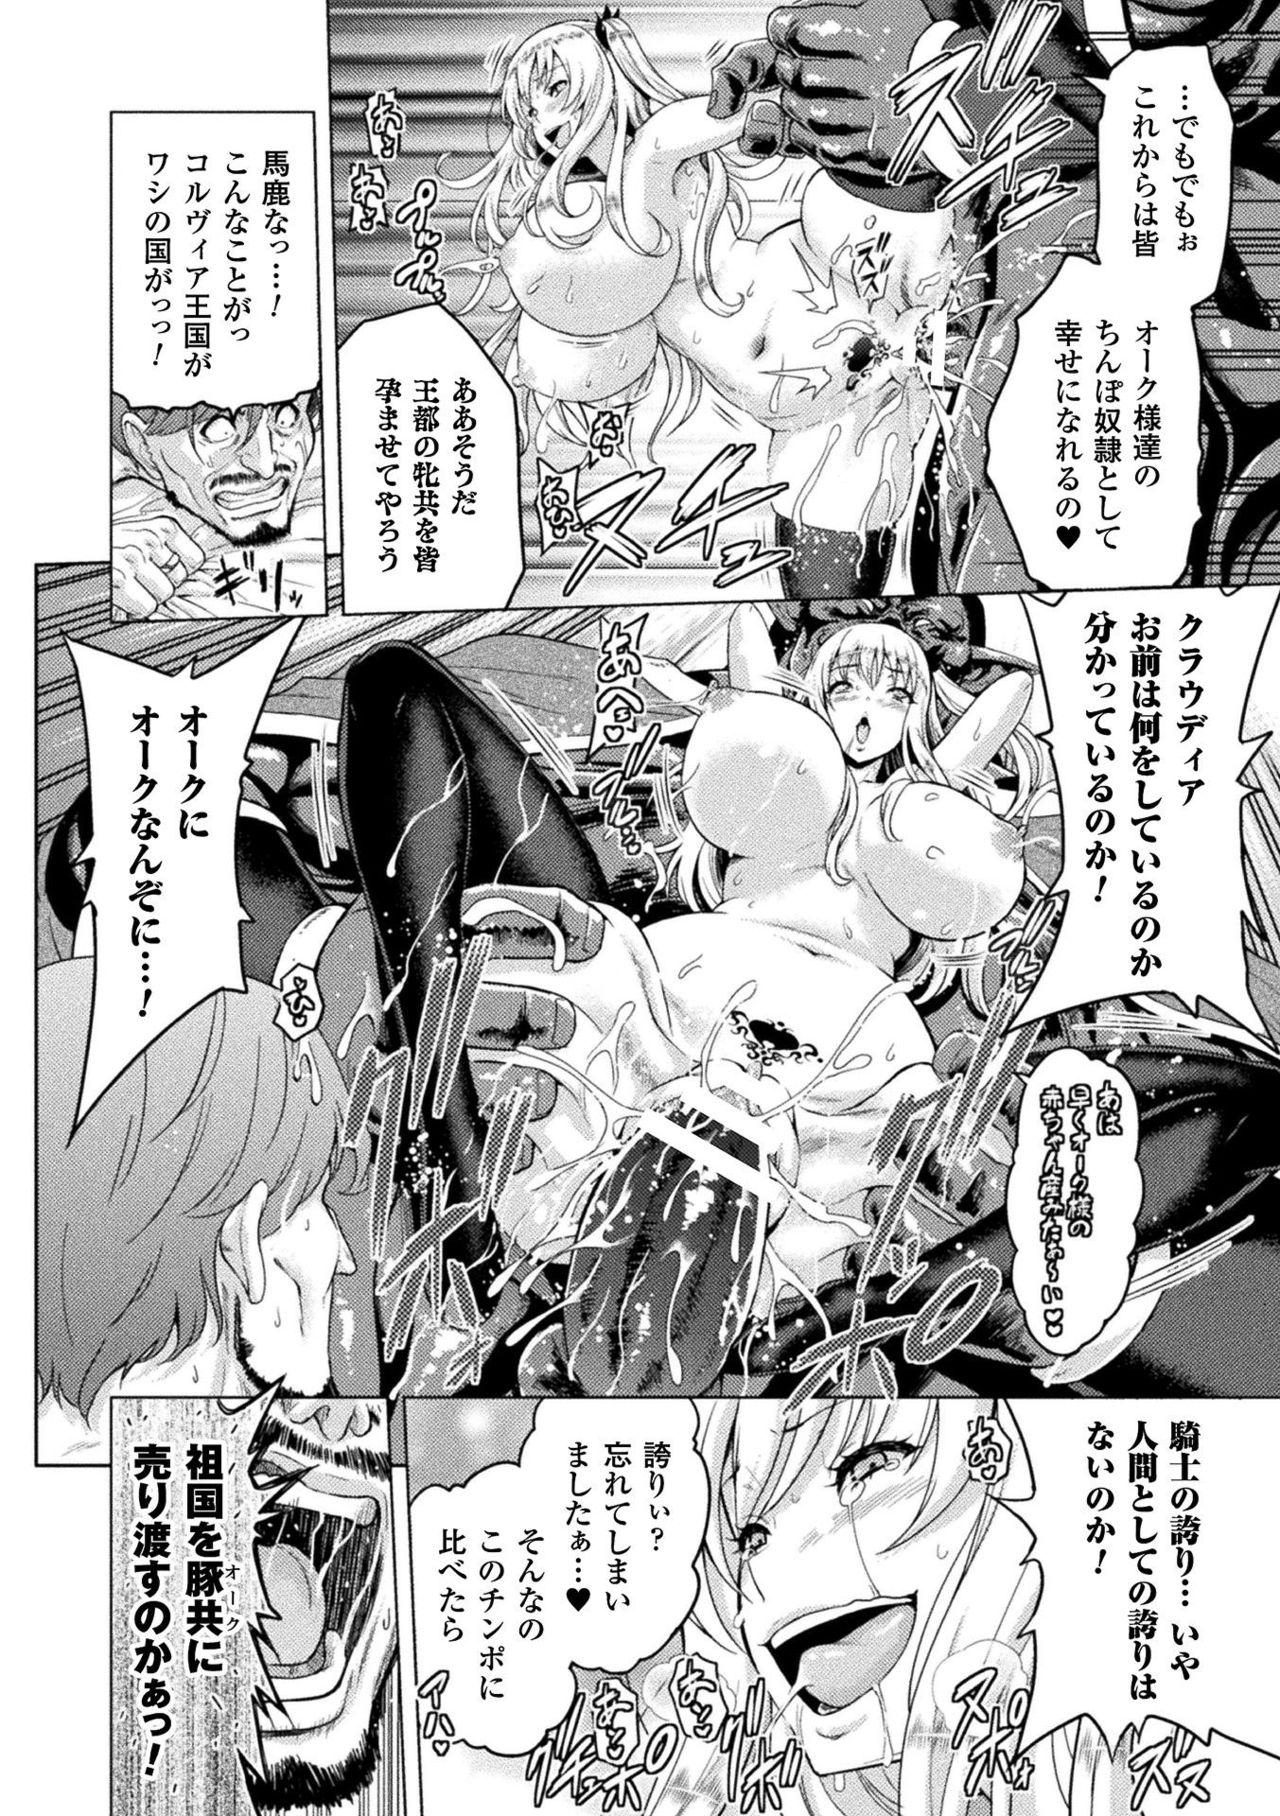 ERONA Orc no Inmon ni Okasareta Onna Kishi no Matsuro 97